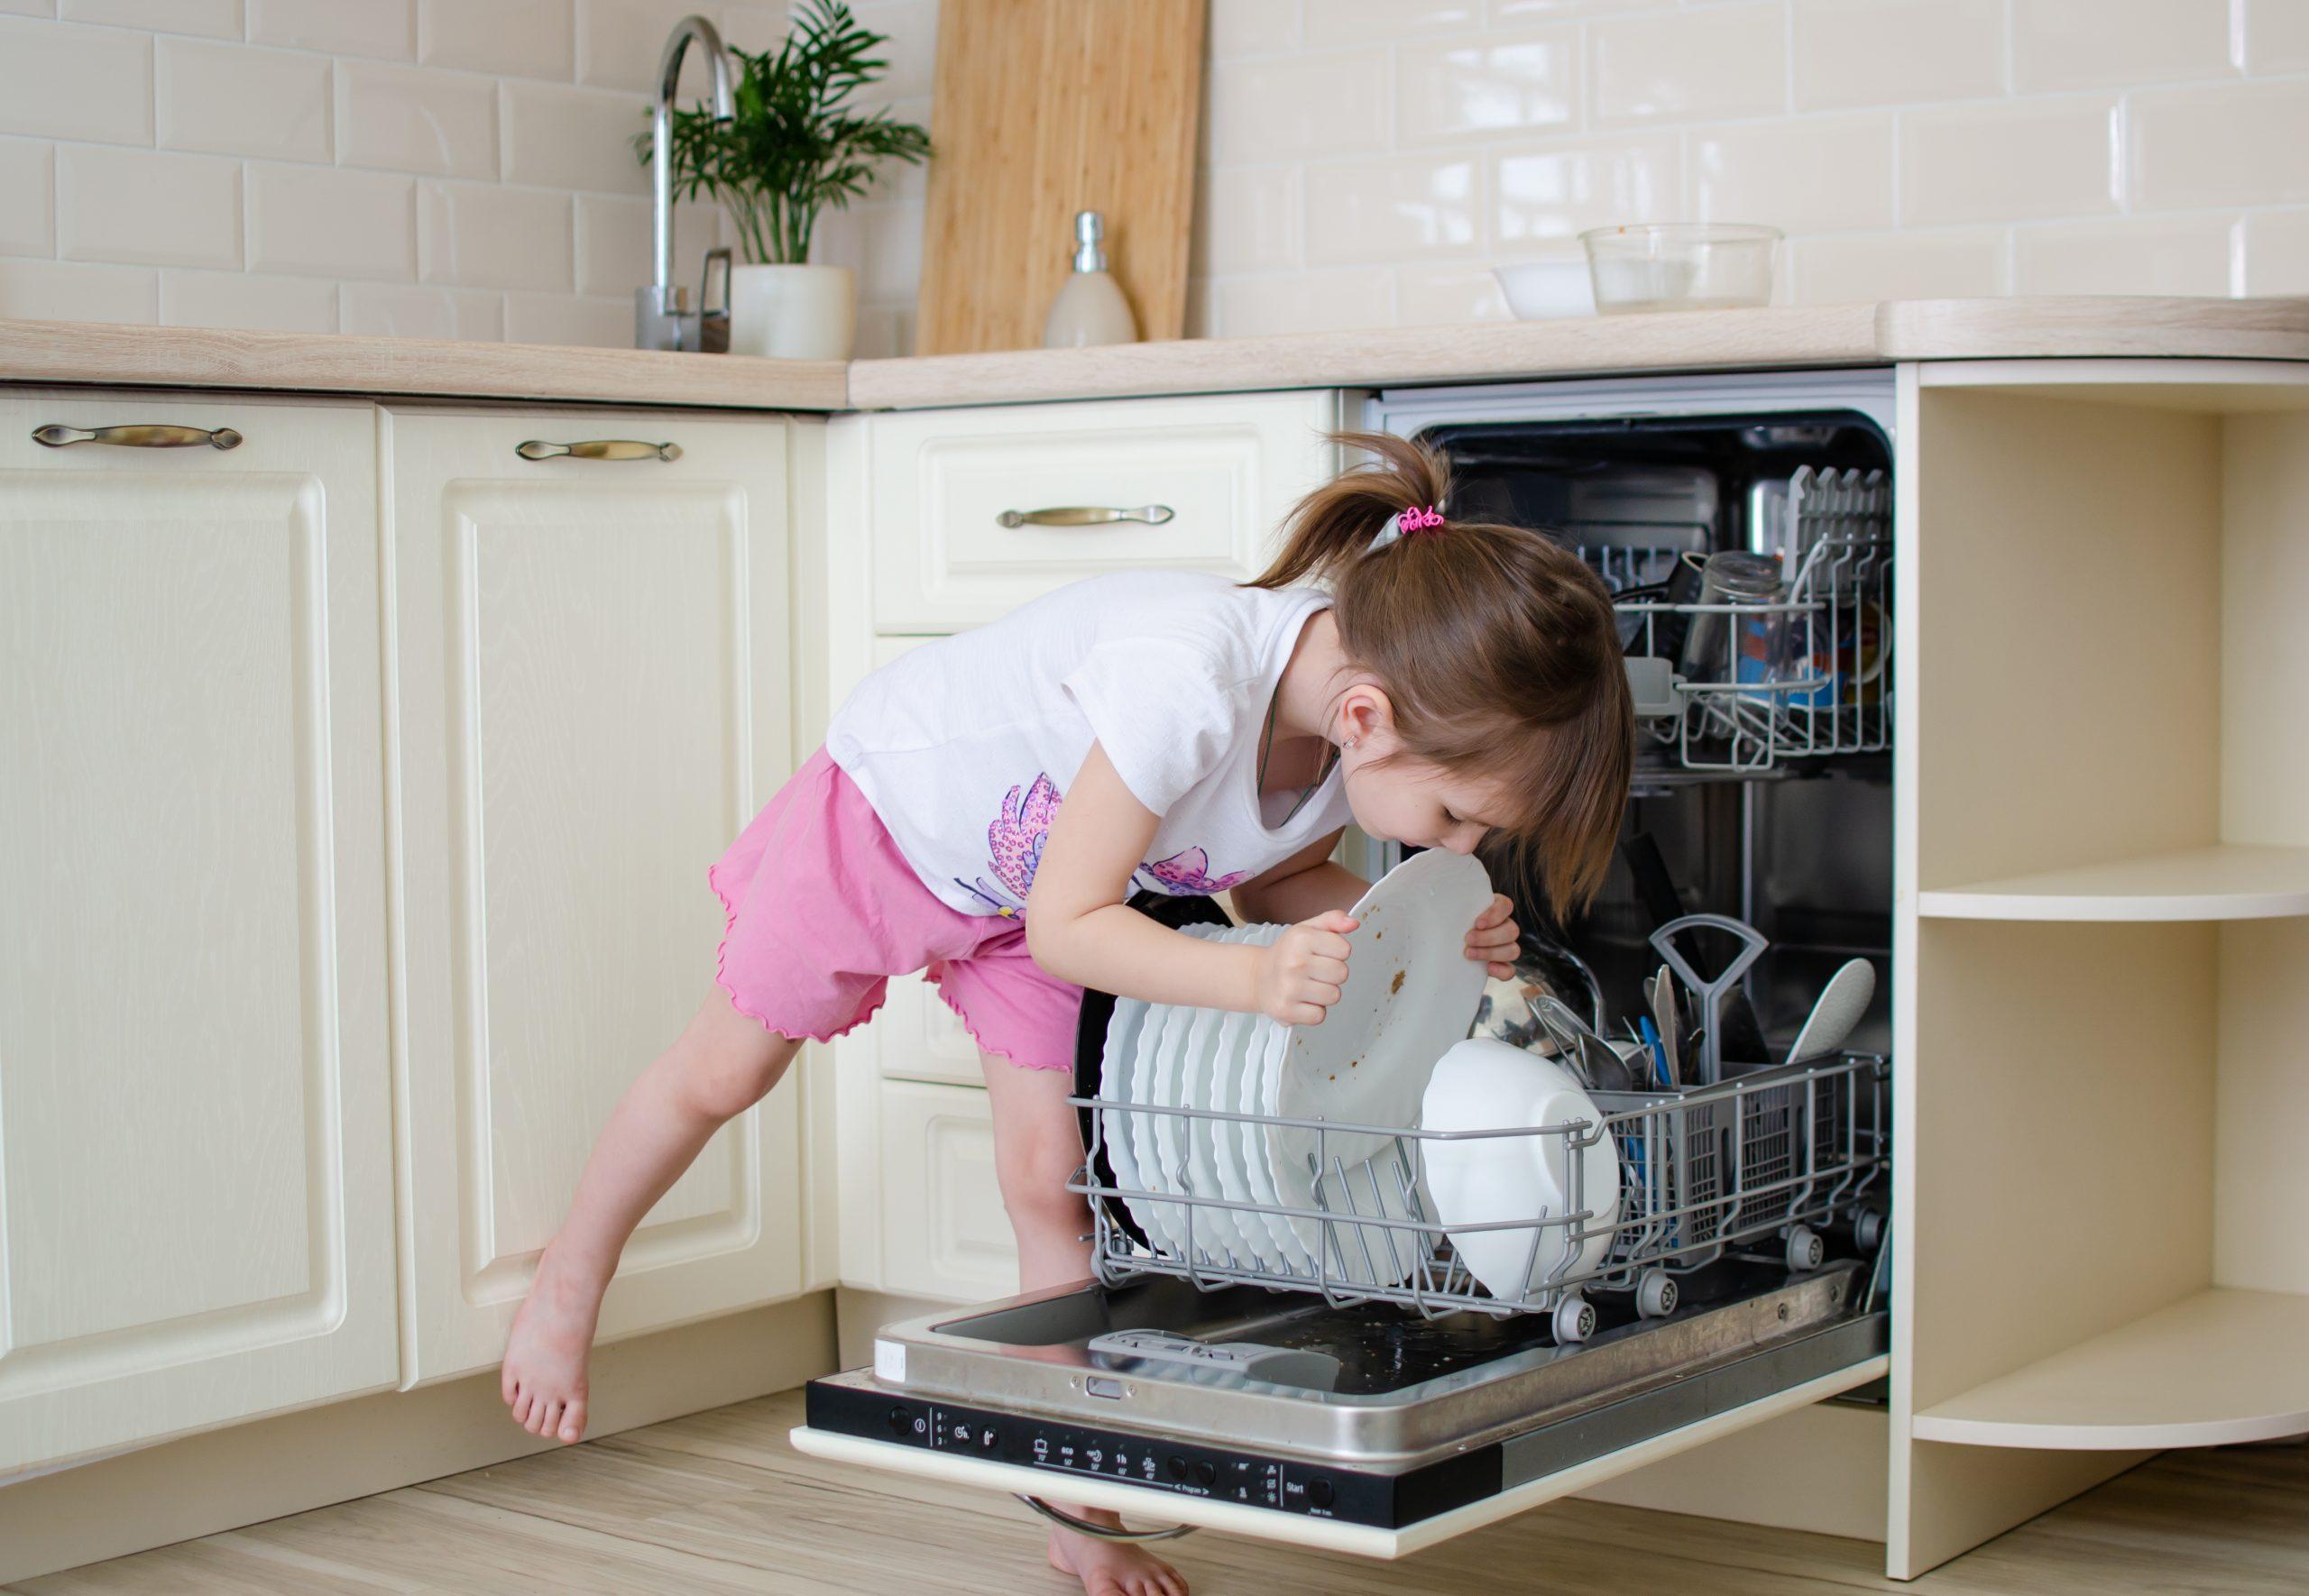 Dete, devojčica, sudovi, kućni poslovi